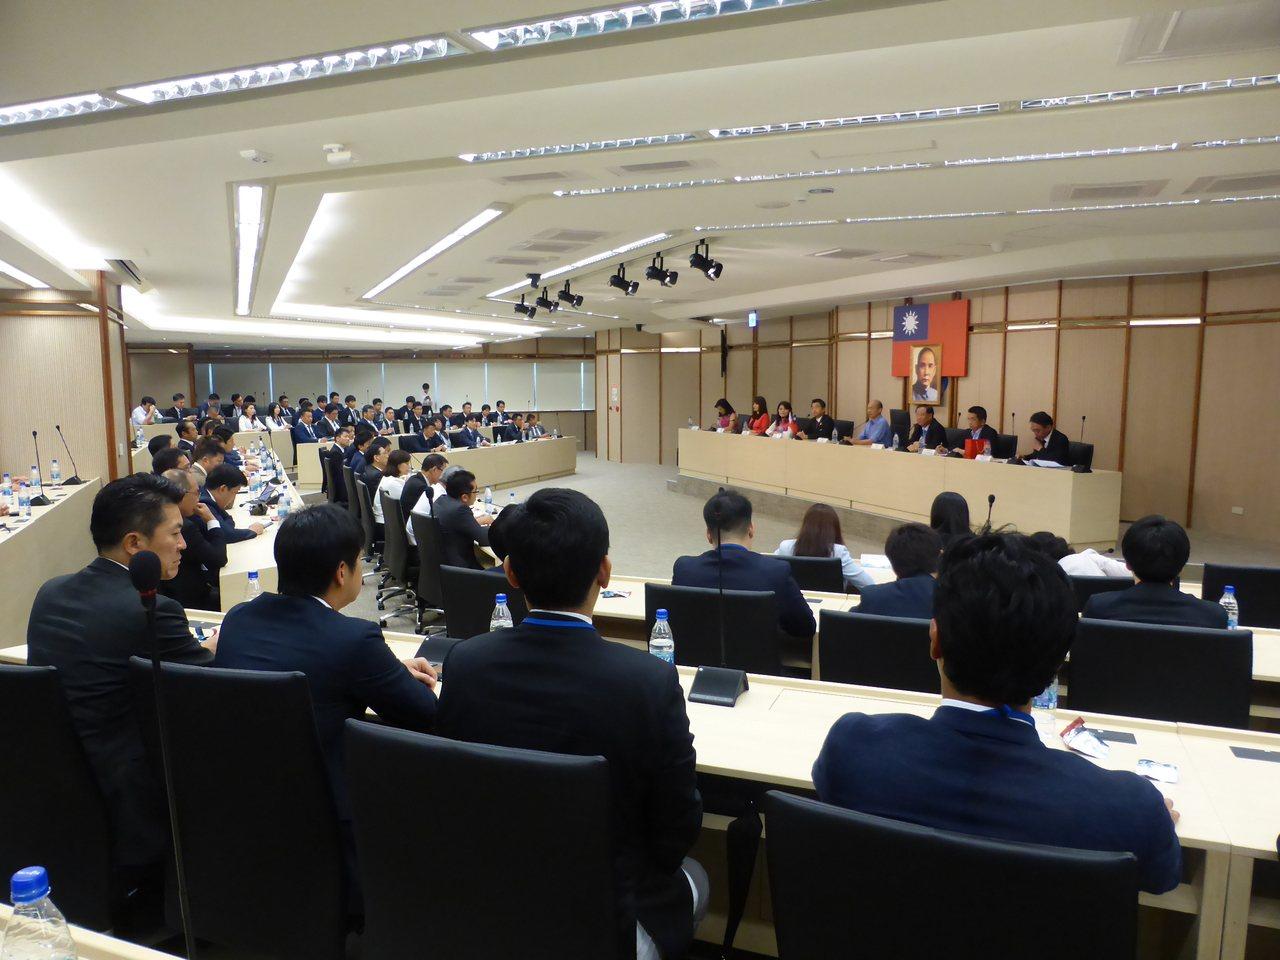 高雄市長韓國瑜今天上午接見日本自由民主黨青年局長、眾議員佐佐木紀和自民黨所屬國會...